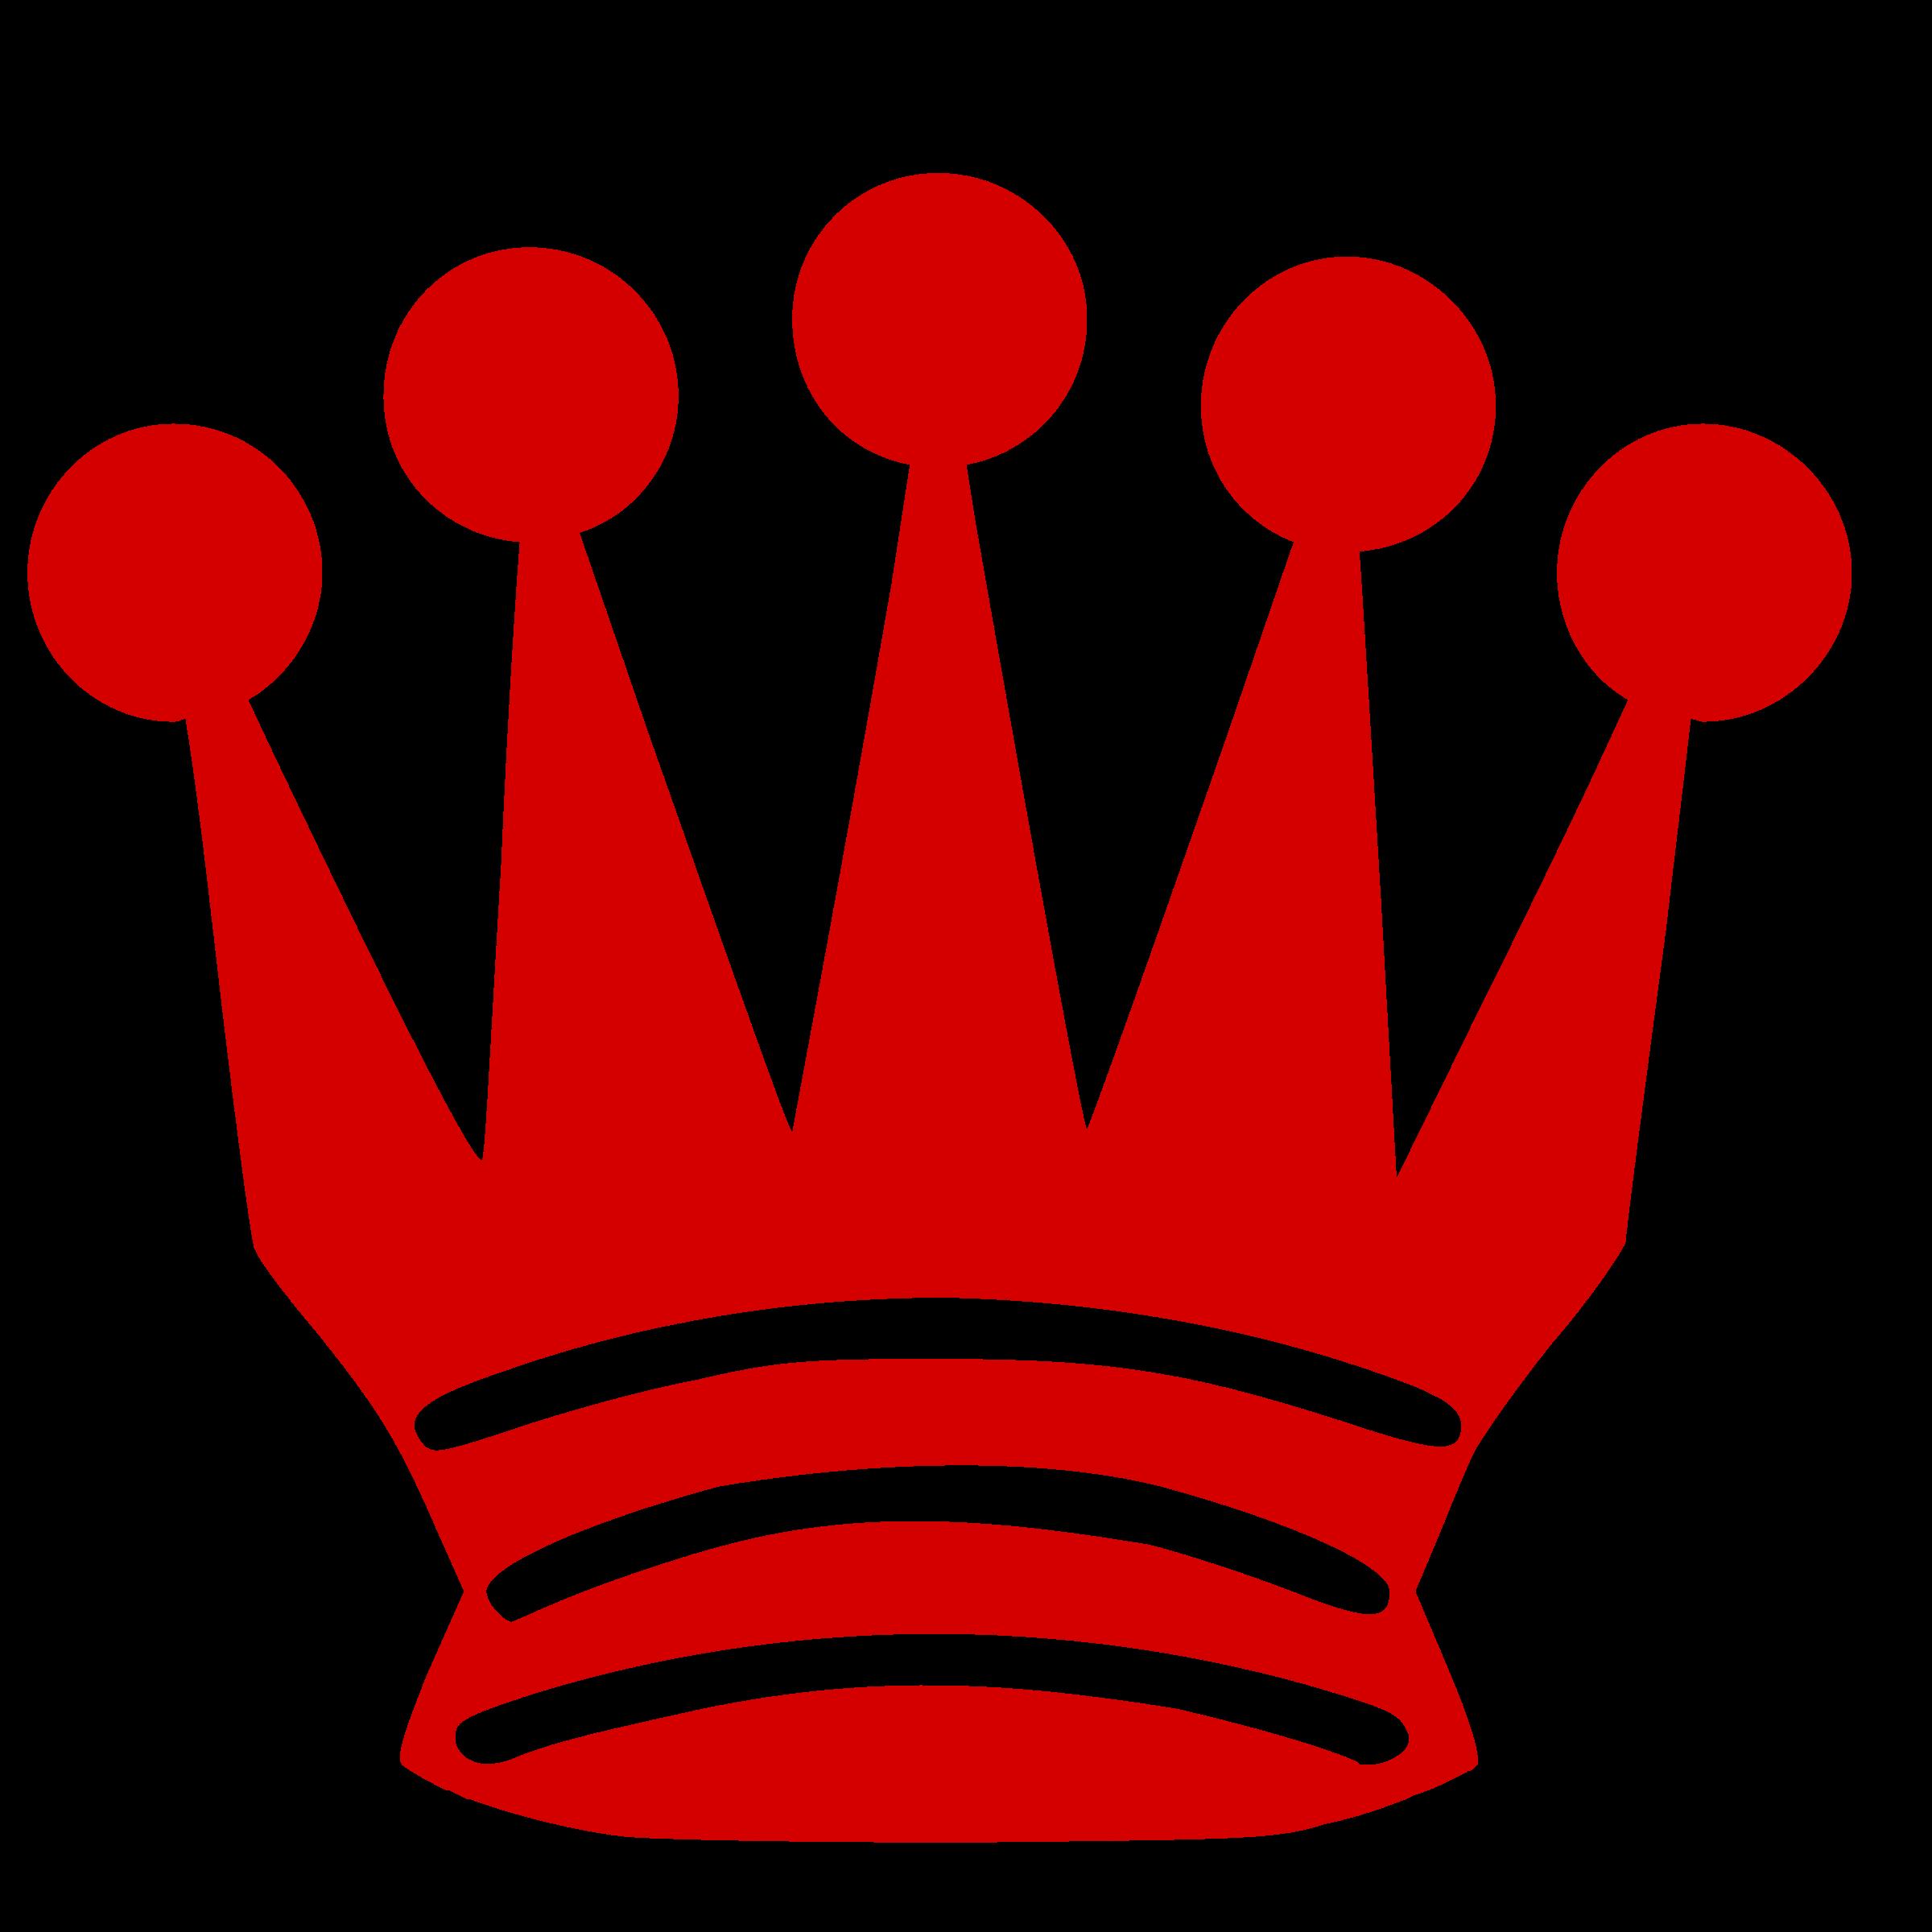 Queen clipart red queen, Queen red queen Transparent FREE.